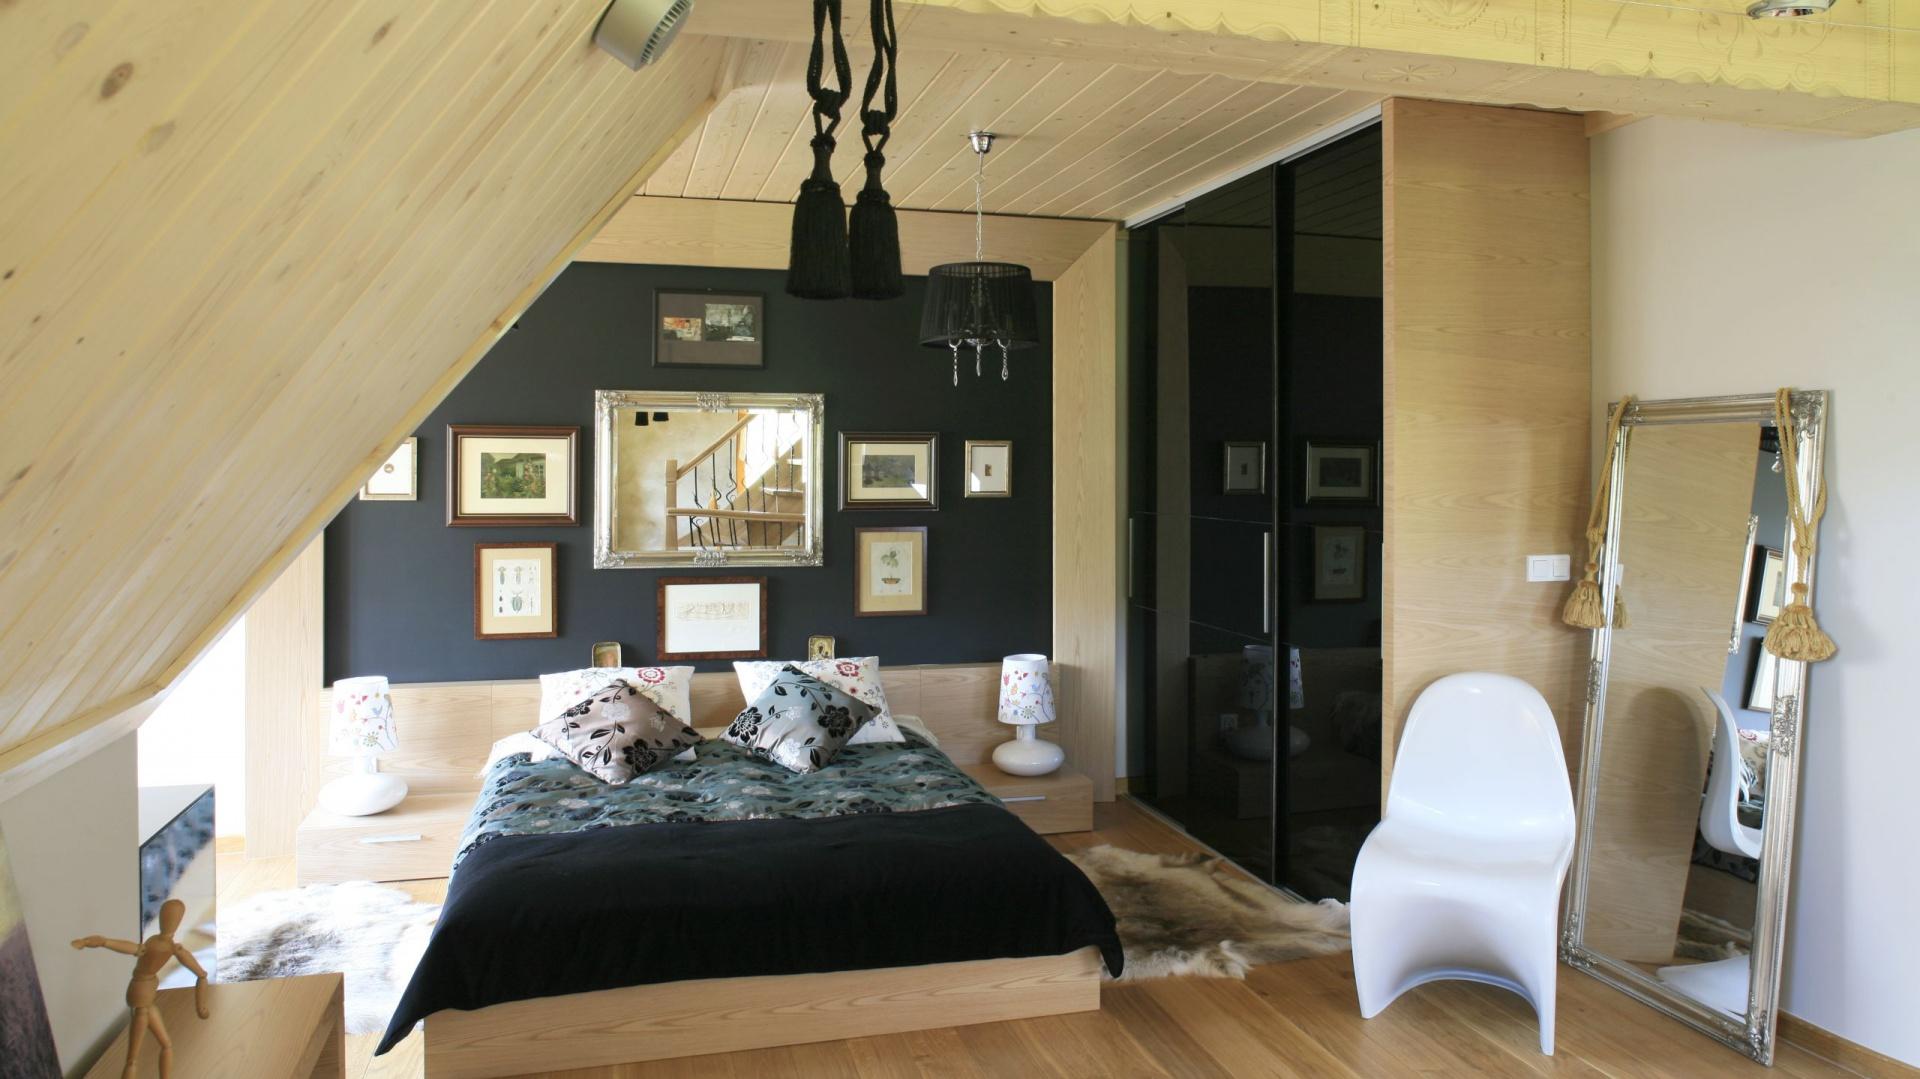 Sypialnia W Drewnie Piękne Wnętrze W Góralskim Stylu